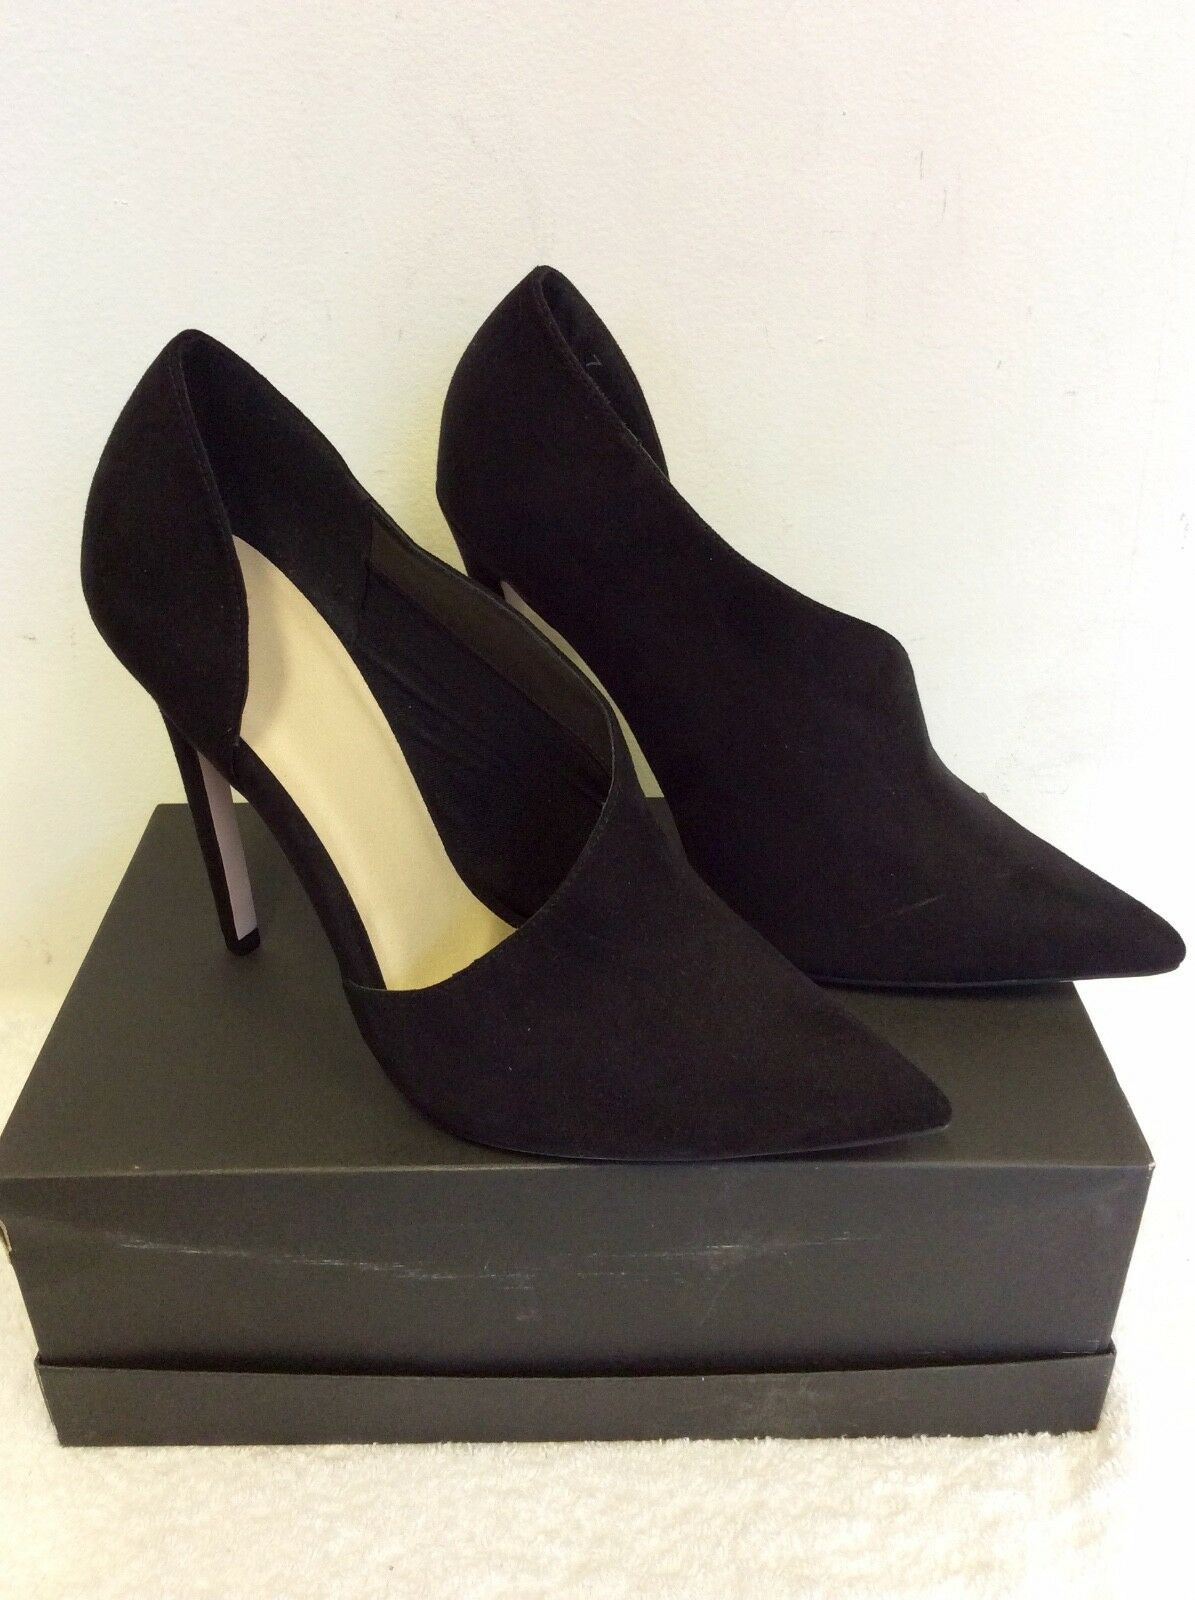 Neuf Asos Noir Daim Synthétique Talon Haut Chaussure Bottes Taille 7 40 7  14d5f8270d38